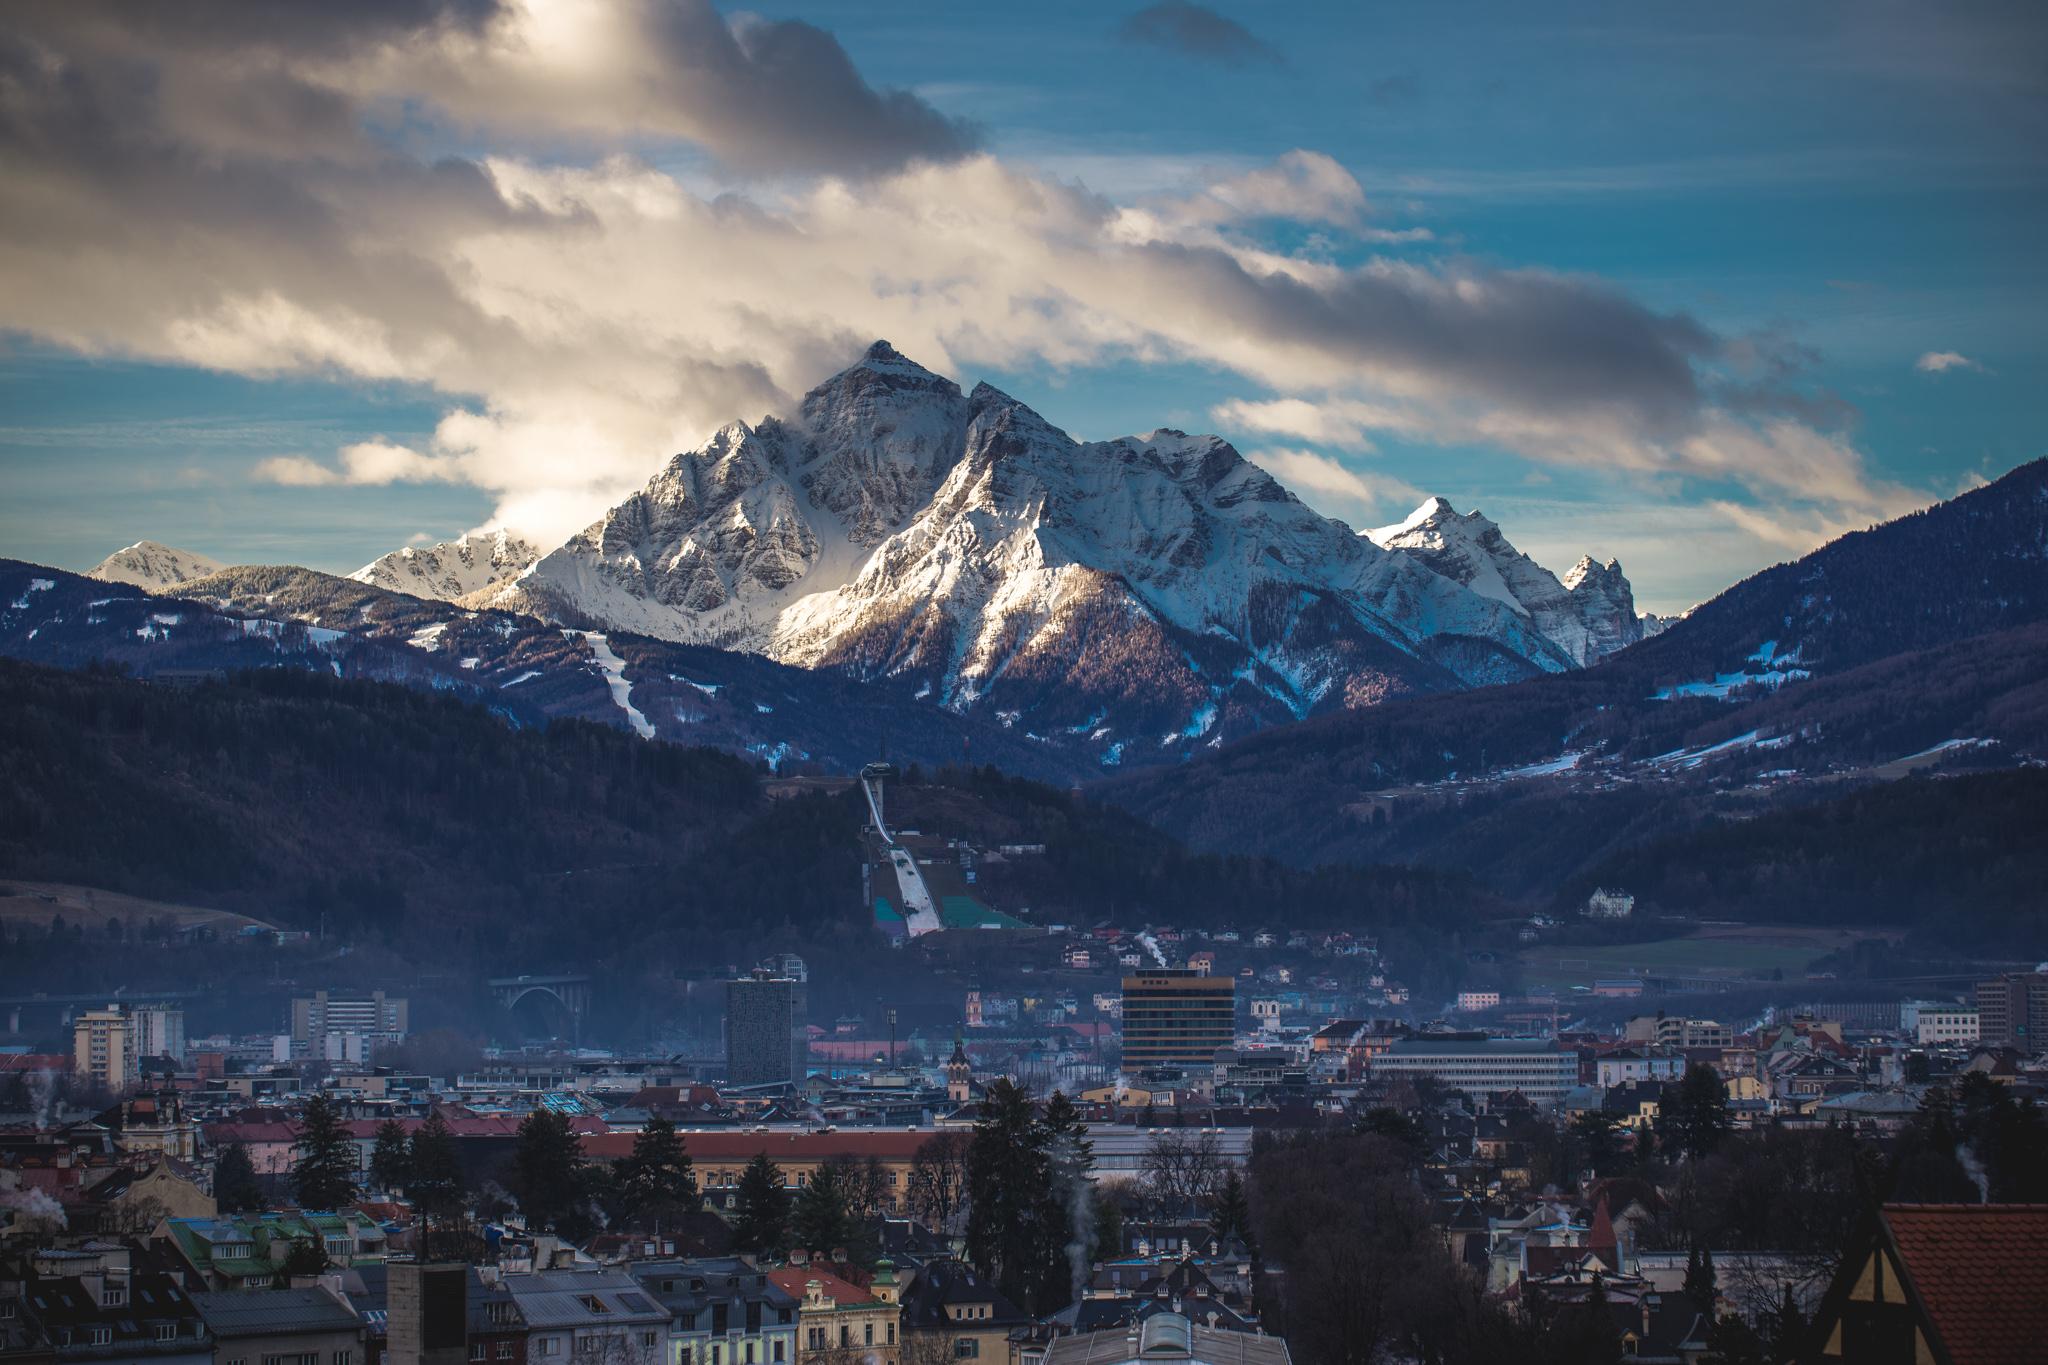 Die 20inch Trophy ist im wunderbaren Innsbruck zu Hause. Hier kannst du an einem Tag erst Snowboard fahren, dann eine Runde Downhill shredden und am Abend in der Skatehalle BMX fahren